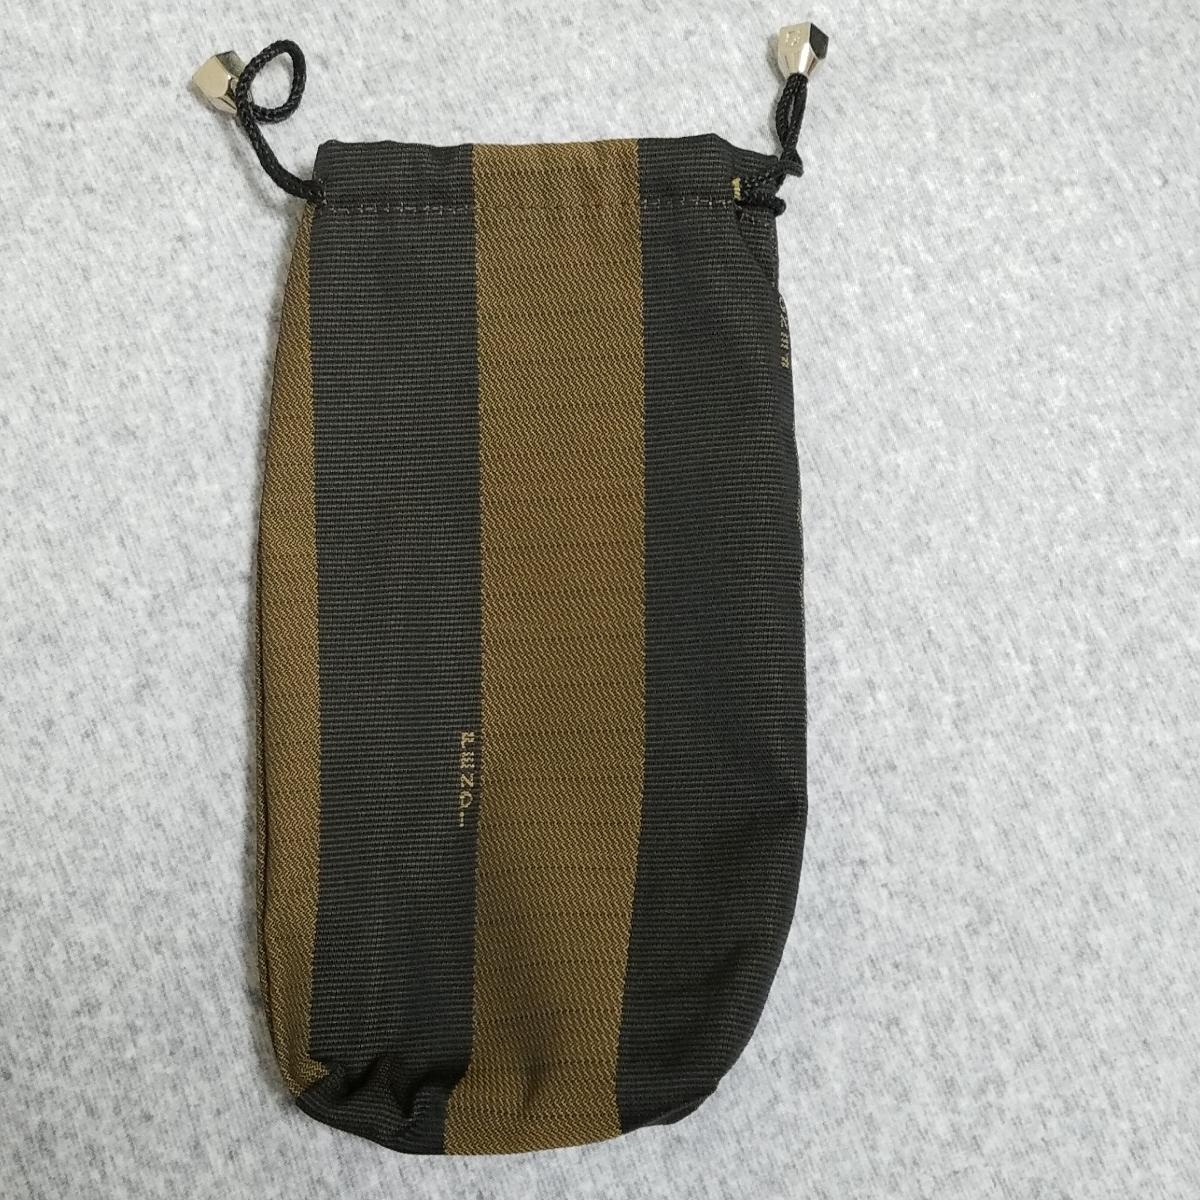 フェンディ(FENDI)巾着ケース♪ ブラウン 茶色 ロゴ付 非売品 レア ラスト_画像1